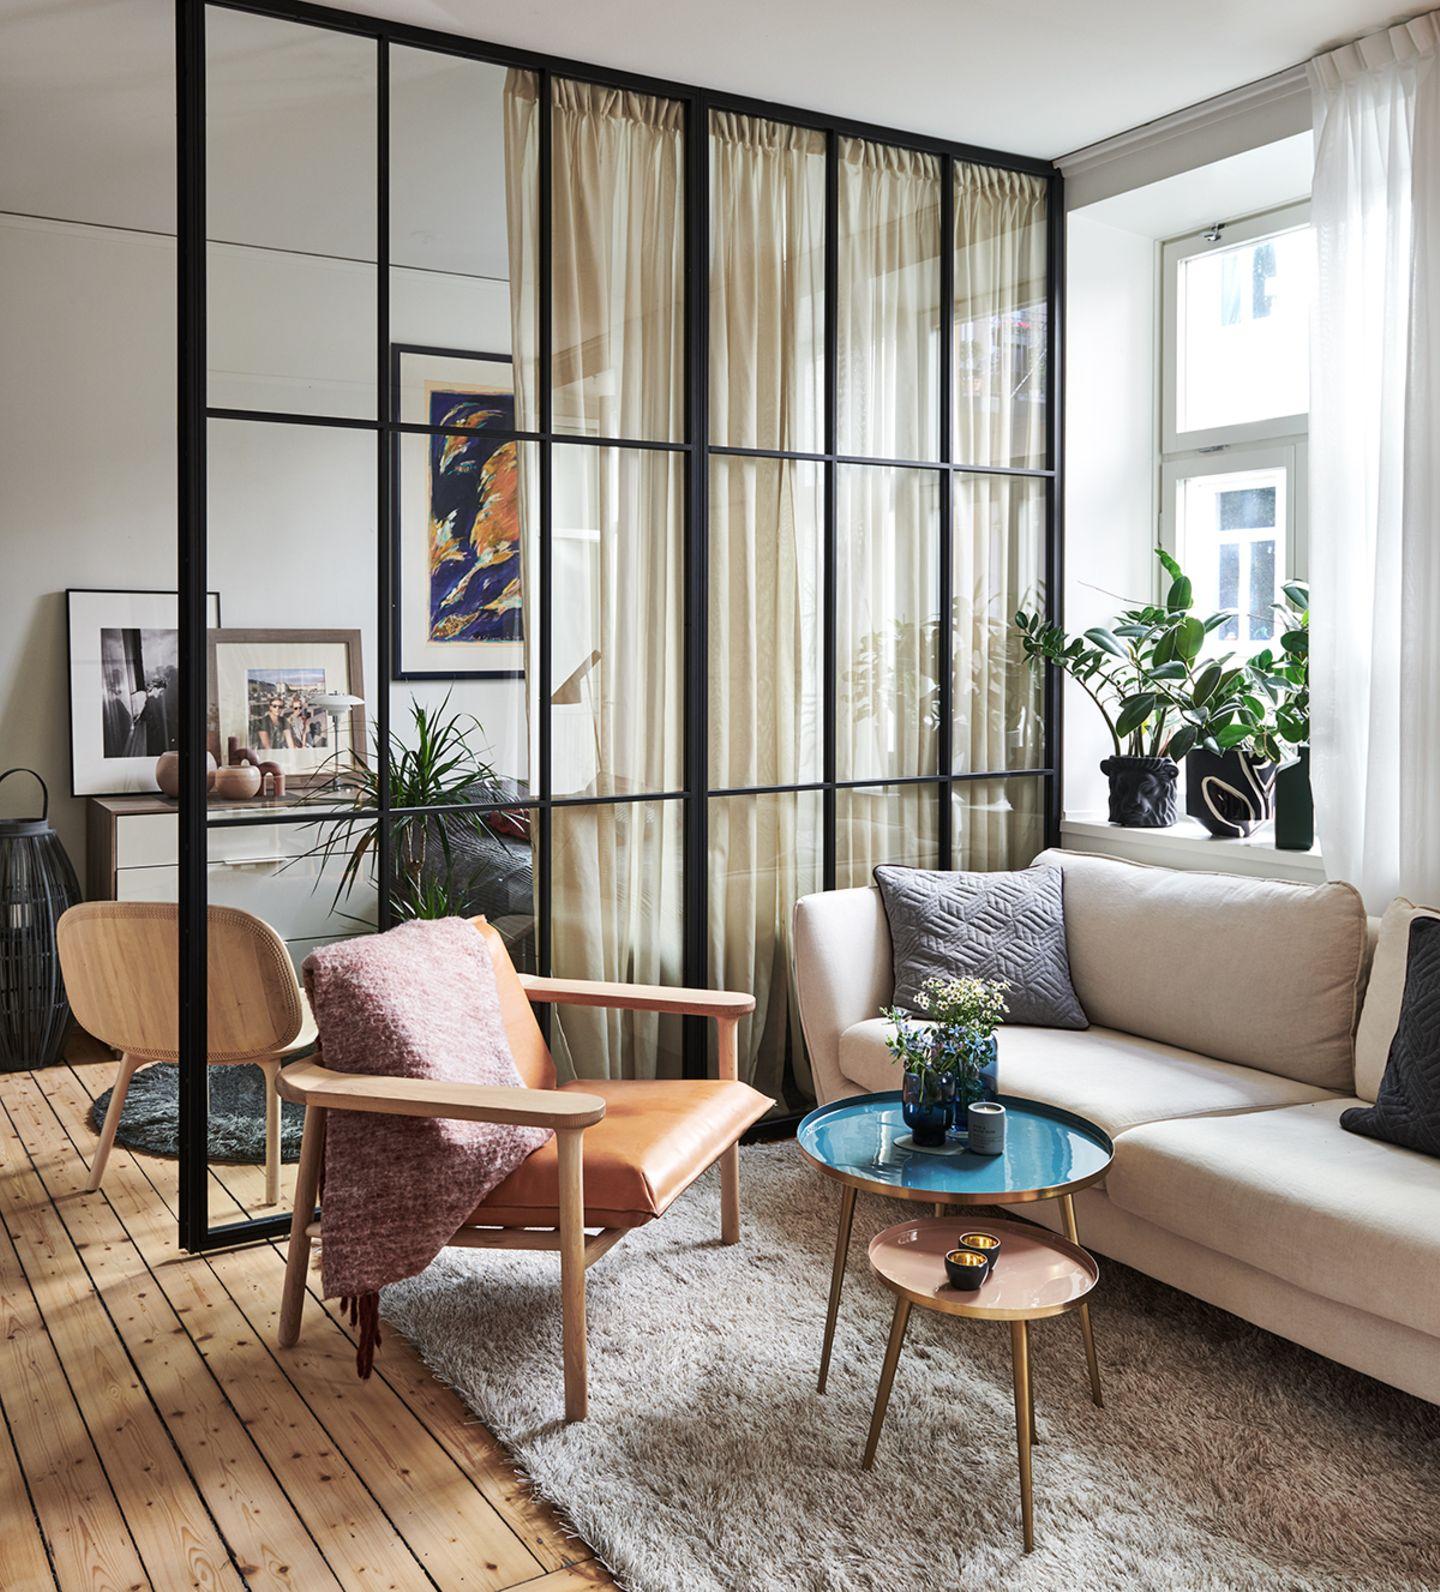 Raumtrenner aus Glas und Stahl, Im Vordergrund ein kleines Wohnzimmer